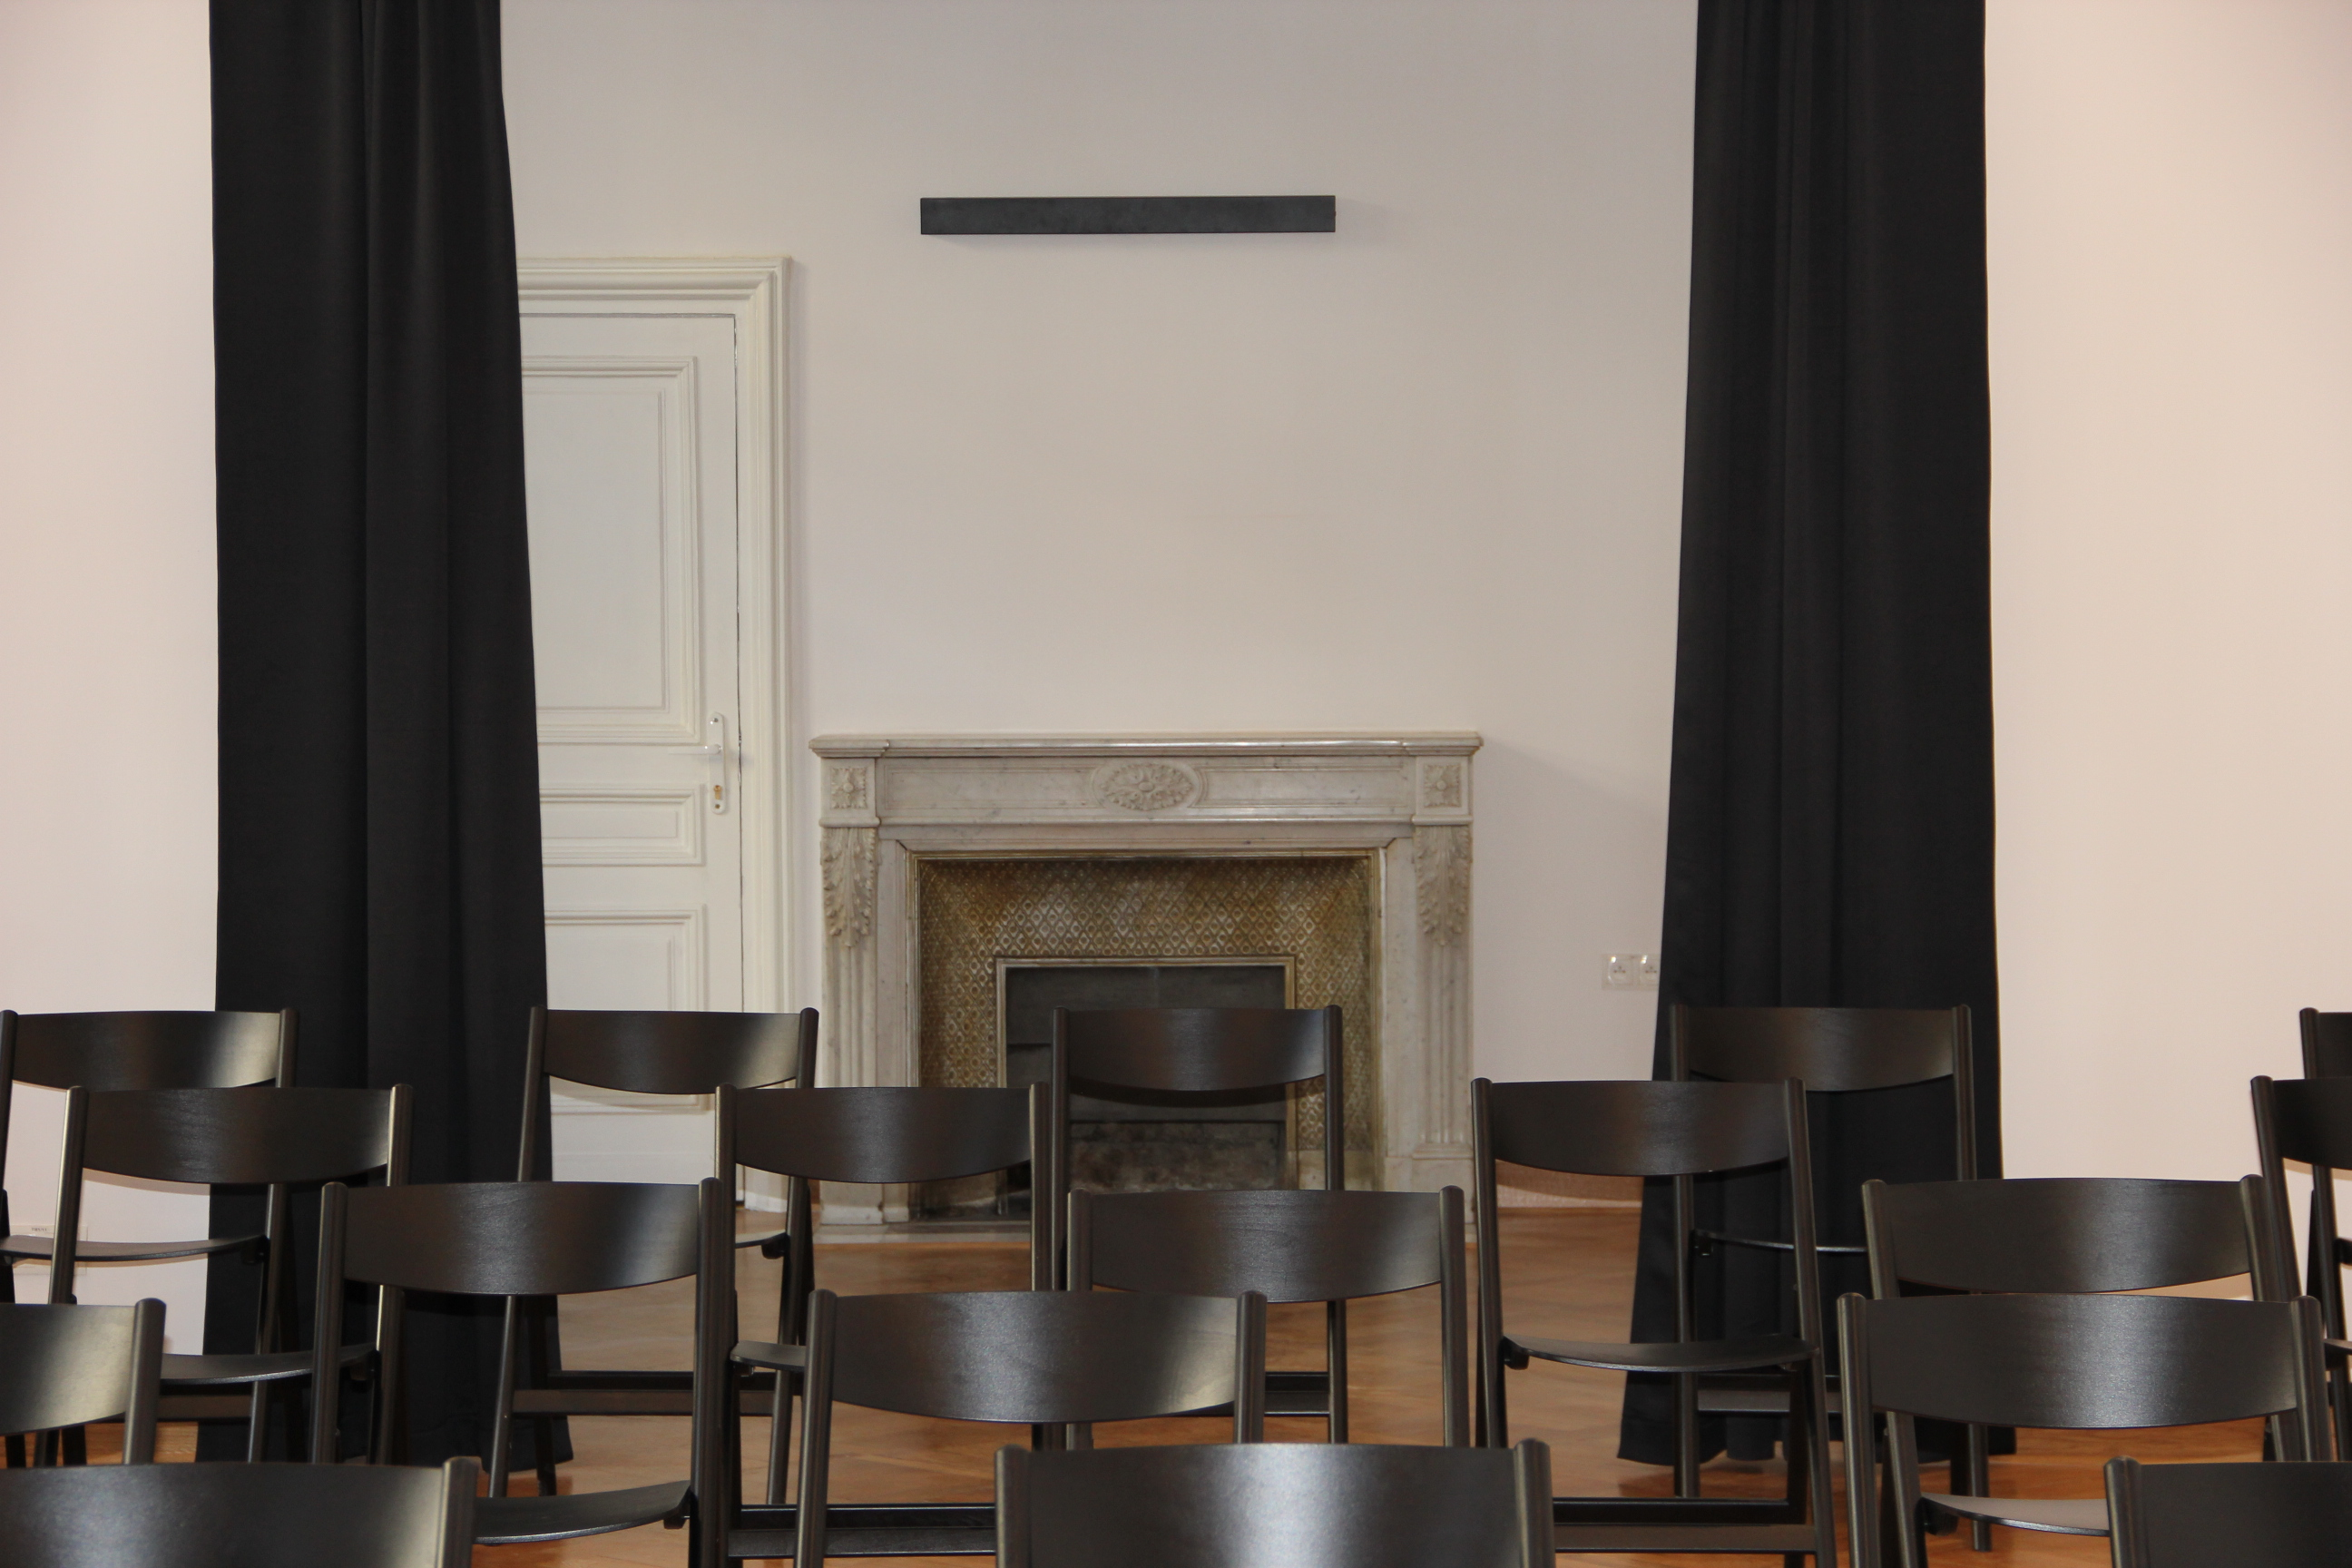 sala z dużą ilością krzeseł, kominek na ścianie